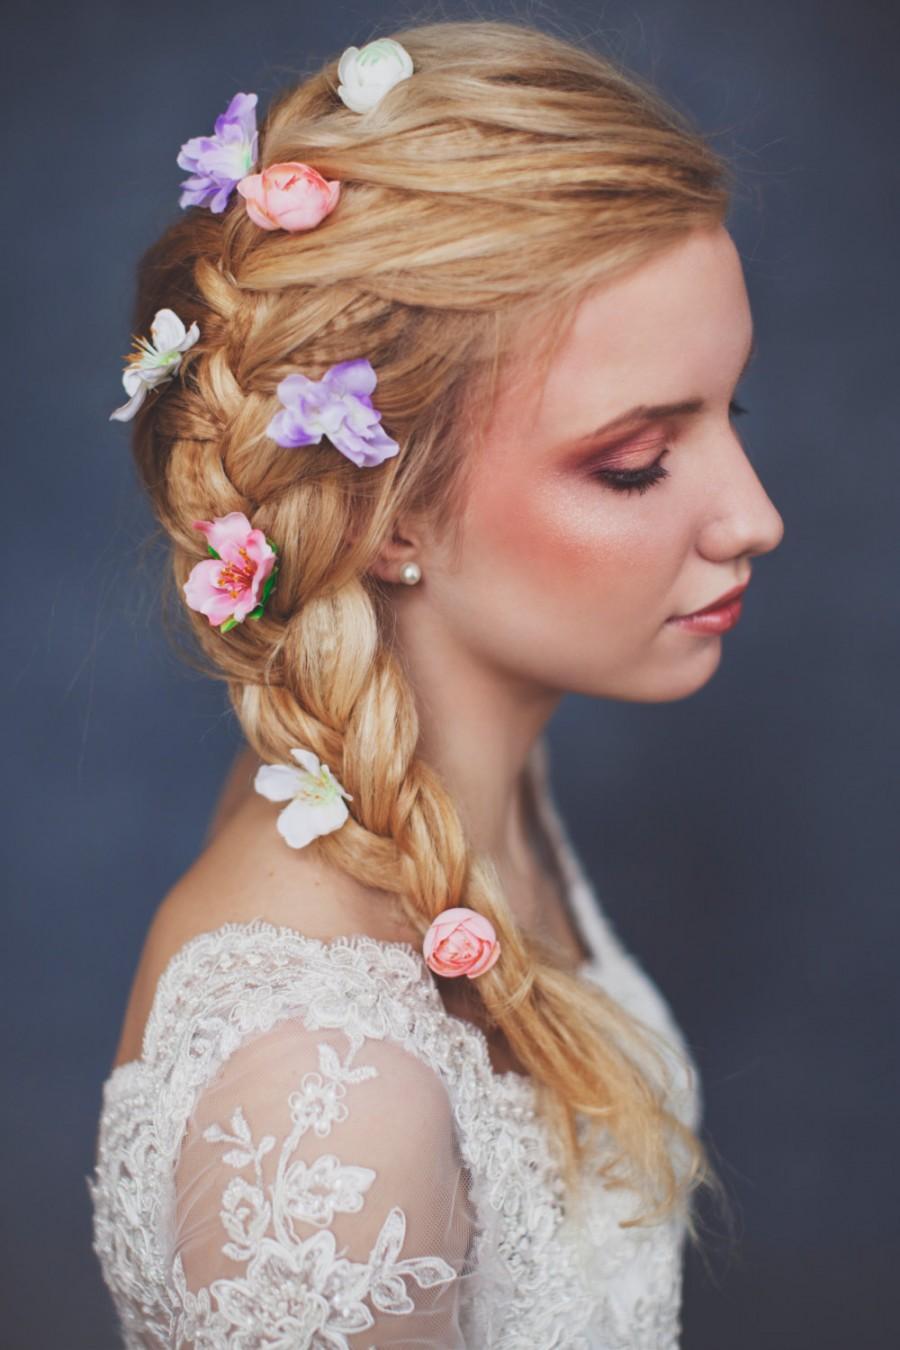 Hochzeit - flower hairpin, floral hairpin, wedding hairpin, bridal hairpin, flower hair pin, floral hair pin, bridal hair pin, wedding hair pin